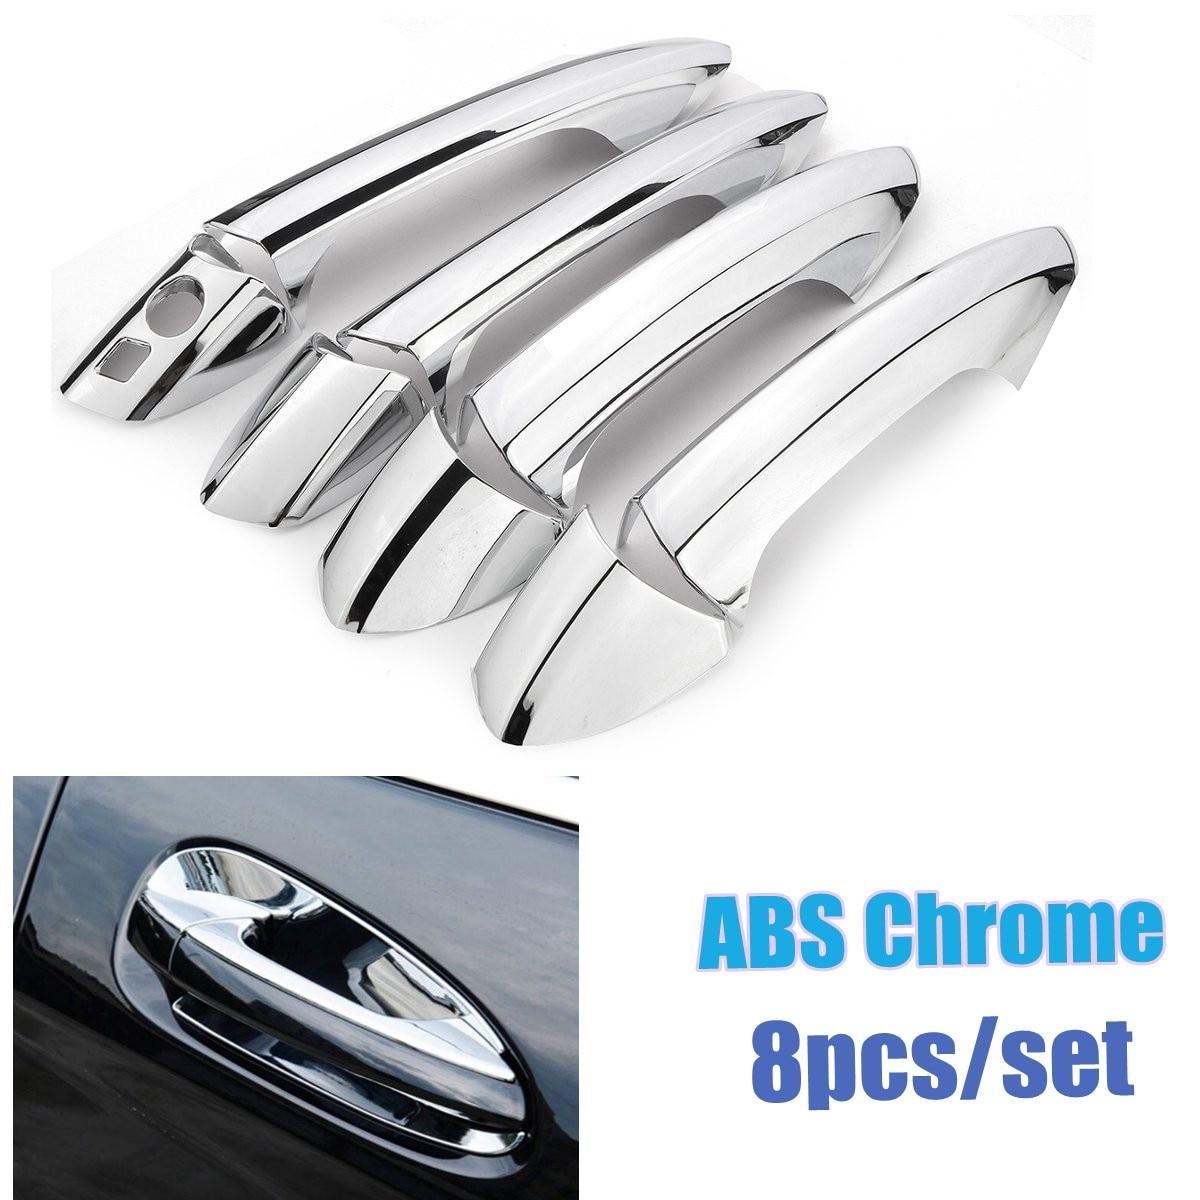 8Pcs Chrome Side Door Handle Cover Trim Set for Mercedes Benz B/C/E/GLK/ML Class W246 W204 W212 X204 W166 W117